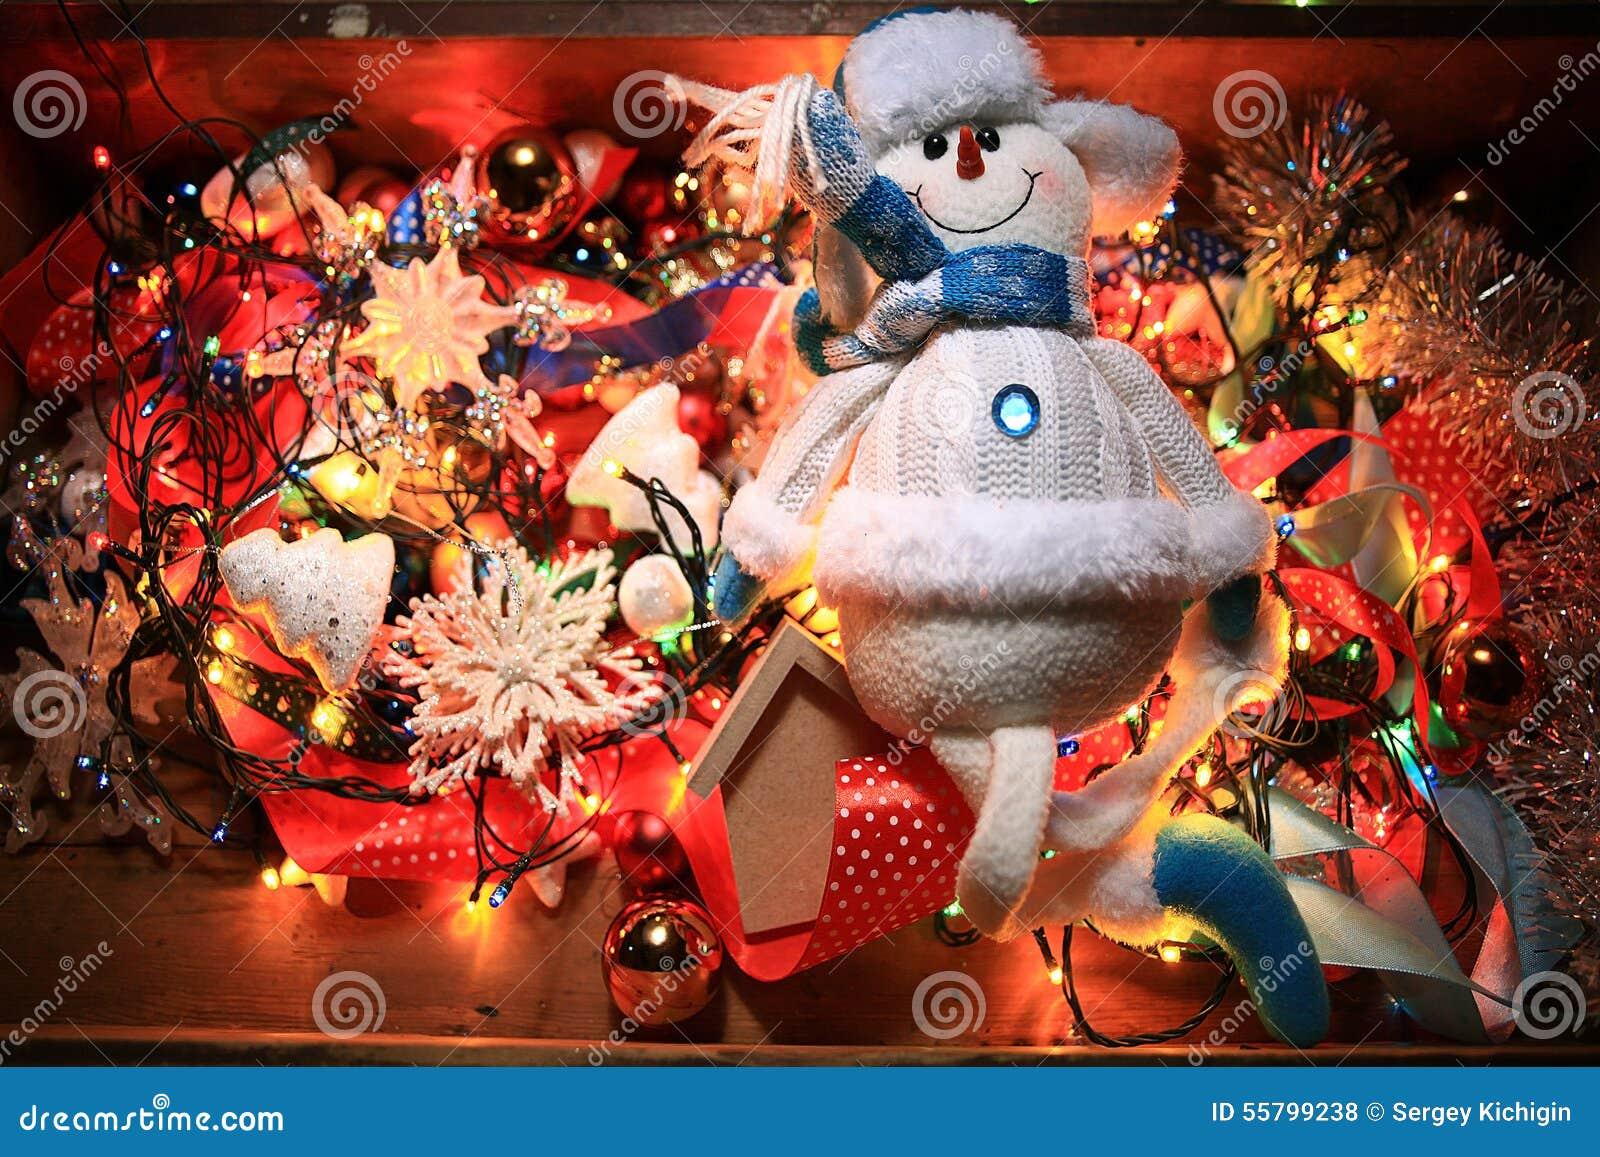 Decoraciones hechas en casa de la navidad foto de archivo - Decoracion hecha en casa ...